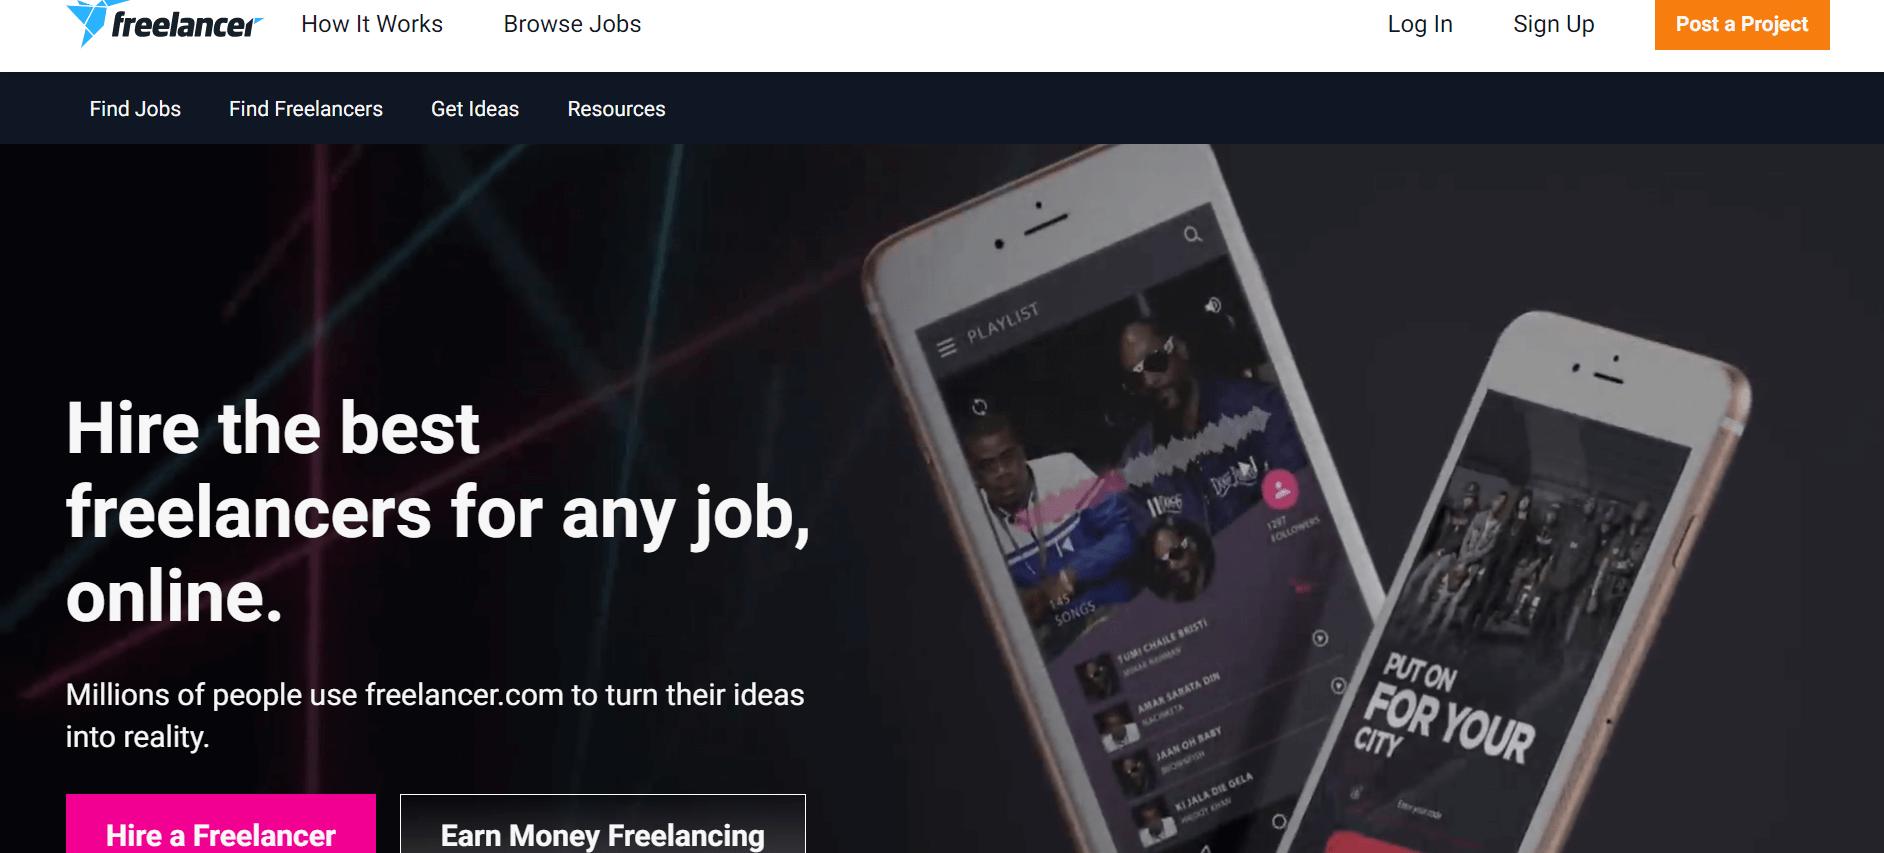 freelancer money earning website